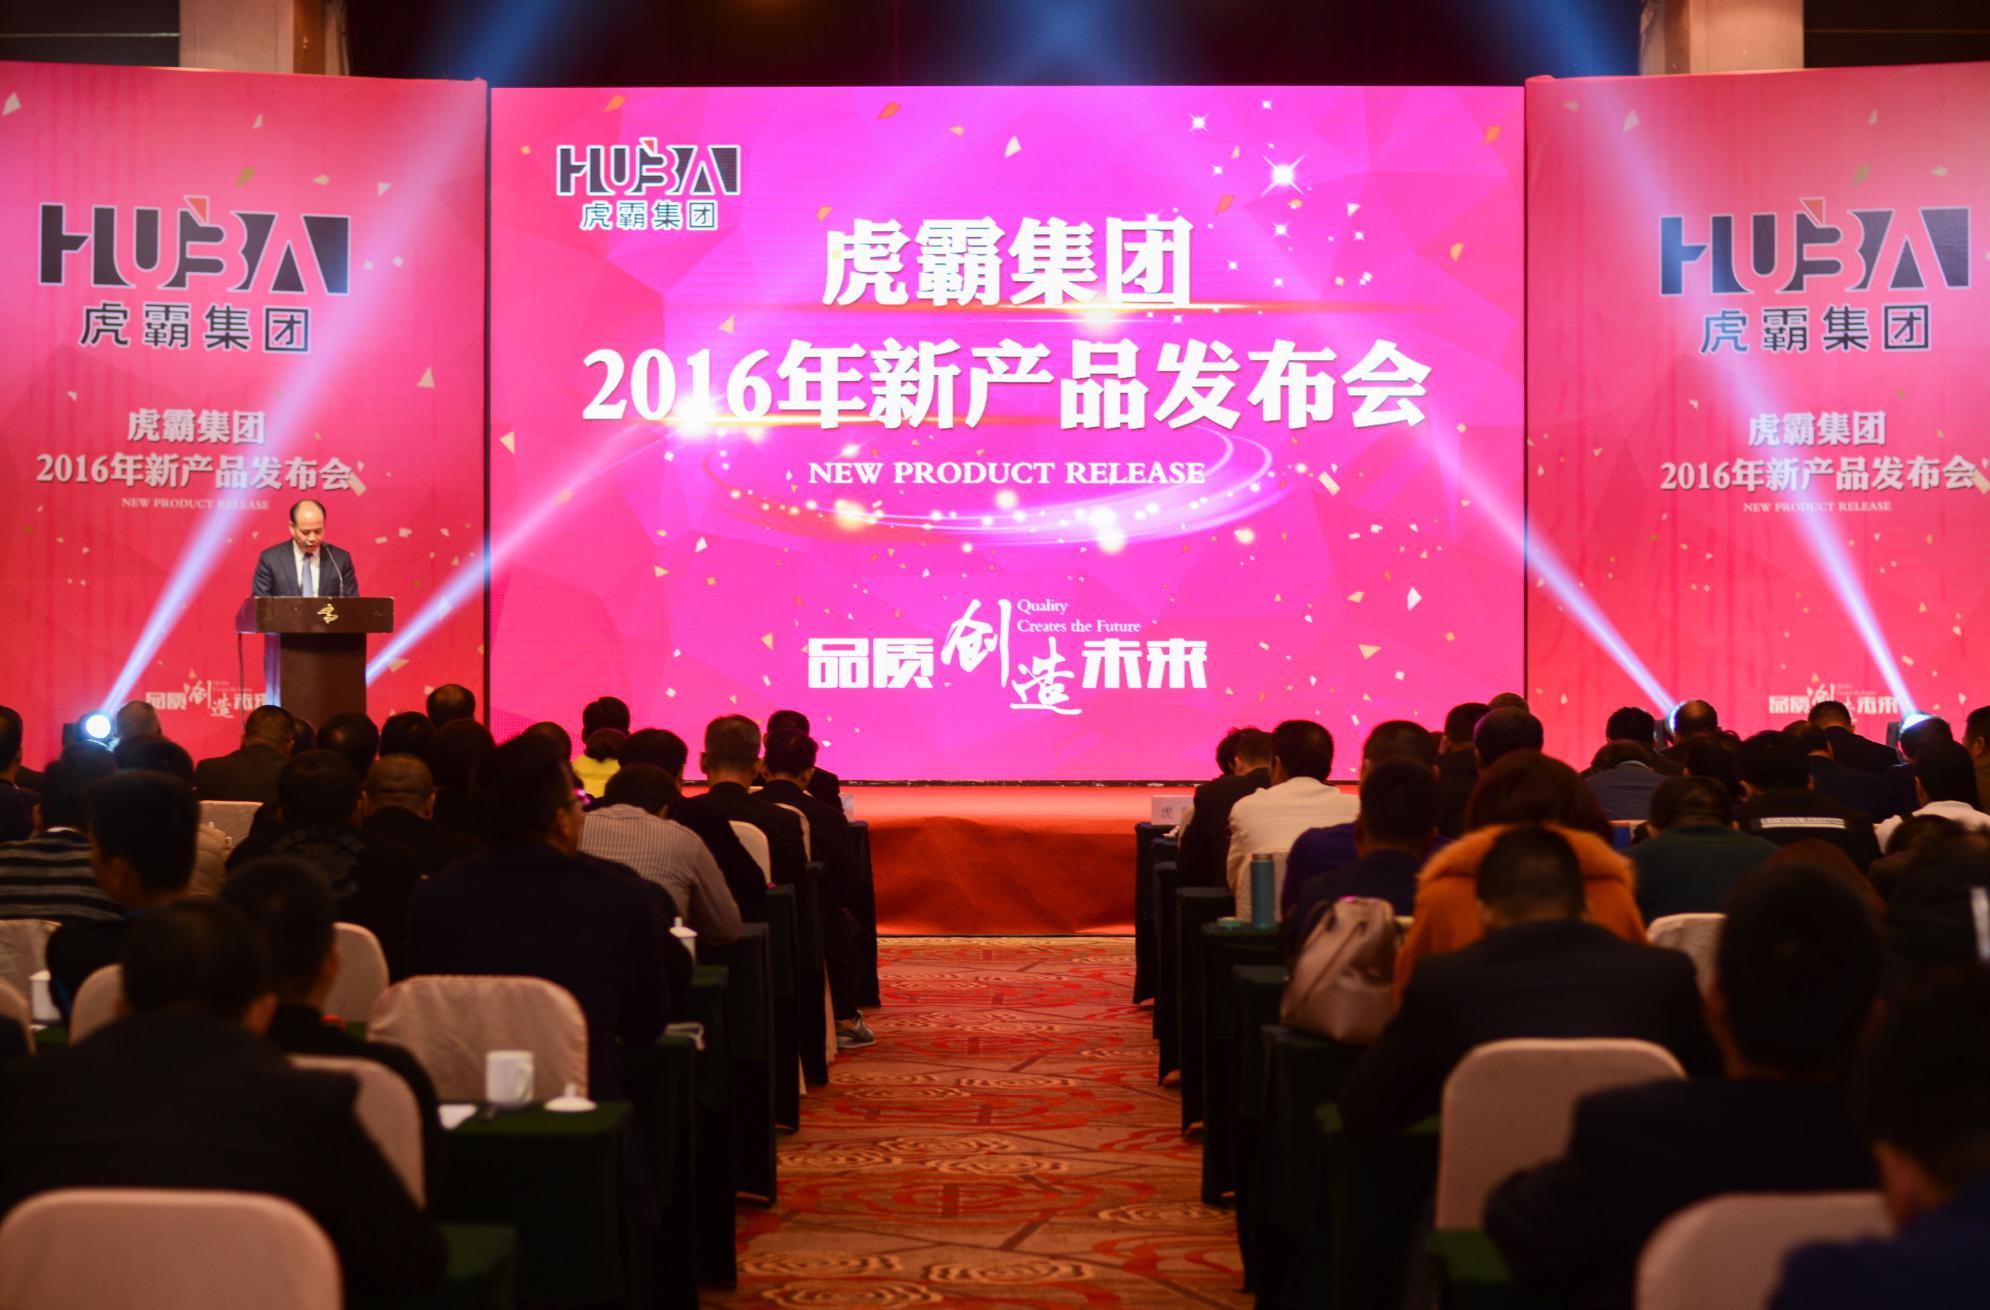 虎霸集团2016年新产品发布会隆重举行